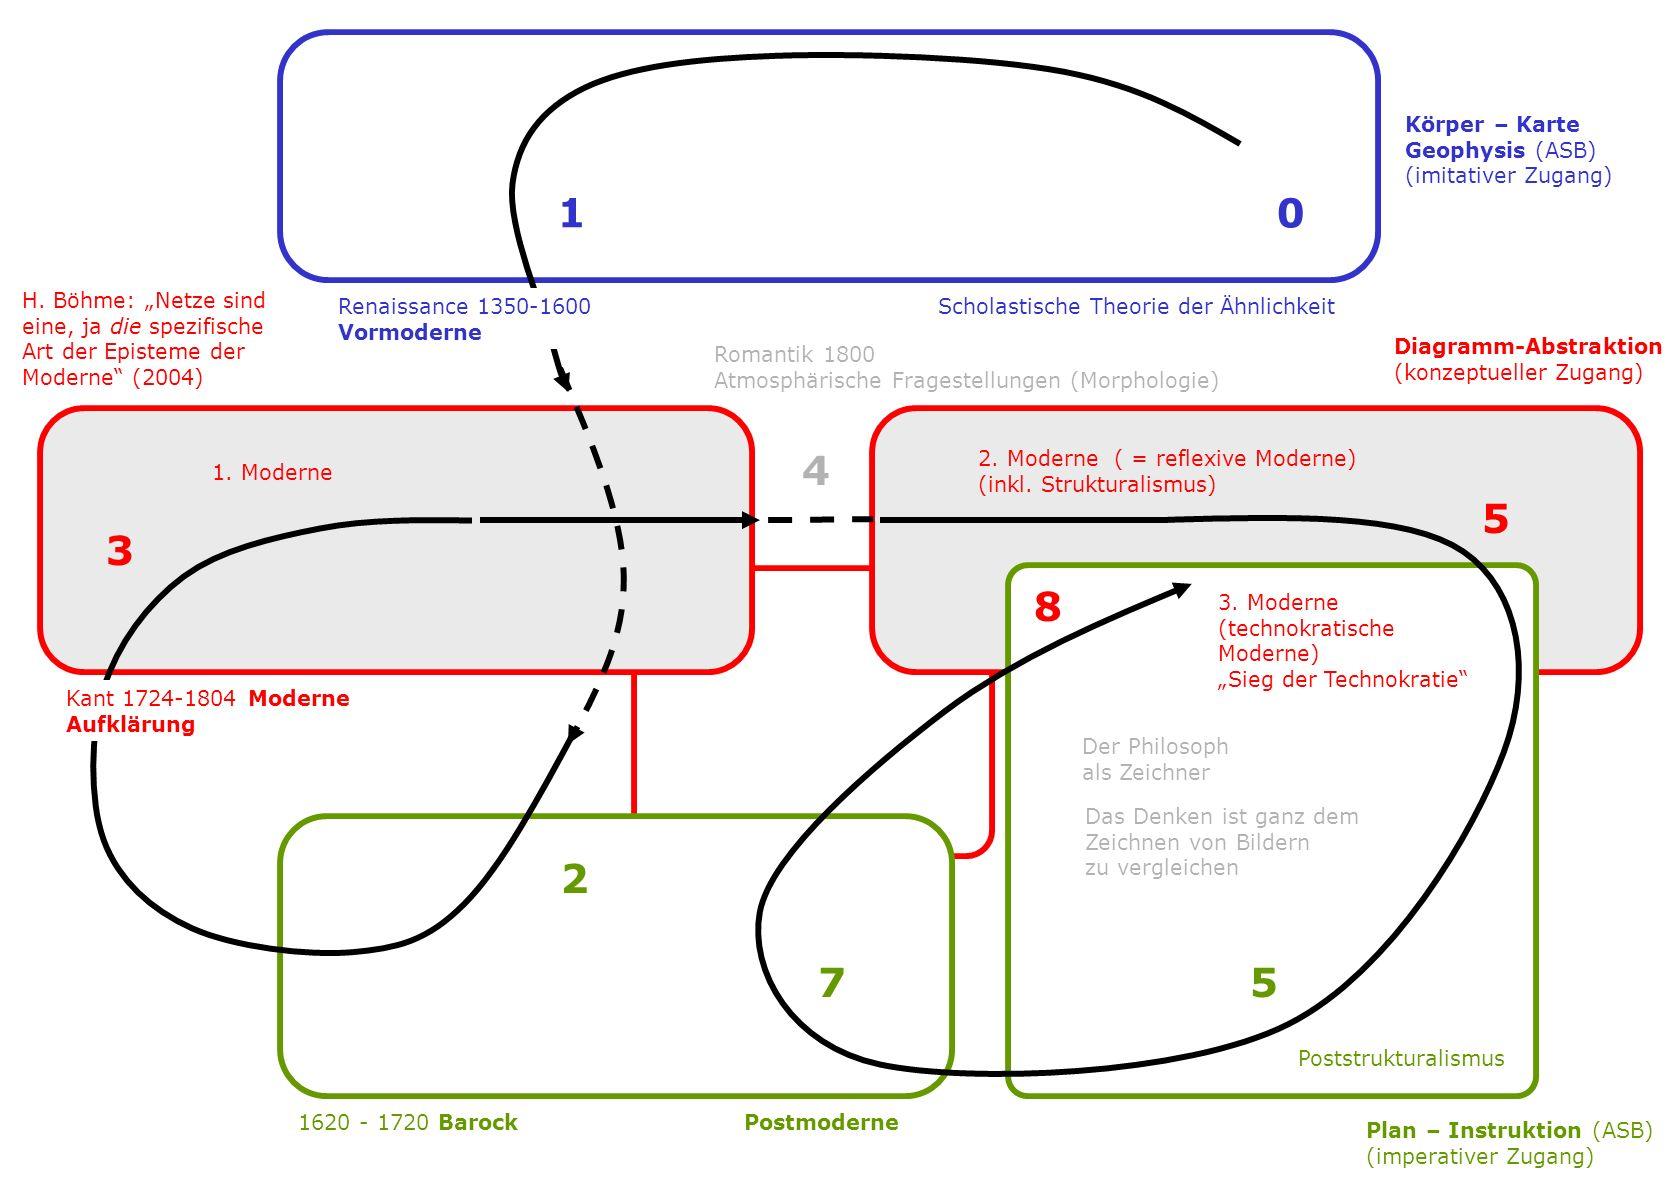 1 0 1620 - 1720 Barock 2 3 Kant 1724-1804 Moderne Aufklärung 4 5 57 8 Renaissance 1350-1600 Vormoderne Scholastische Theorie der Ähnlichkeit Romantik